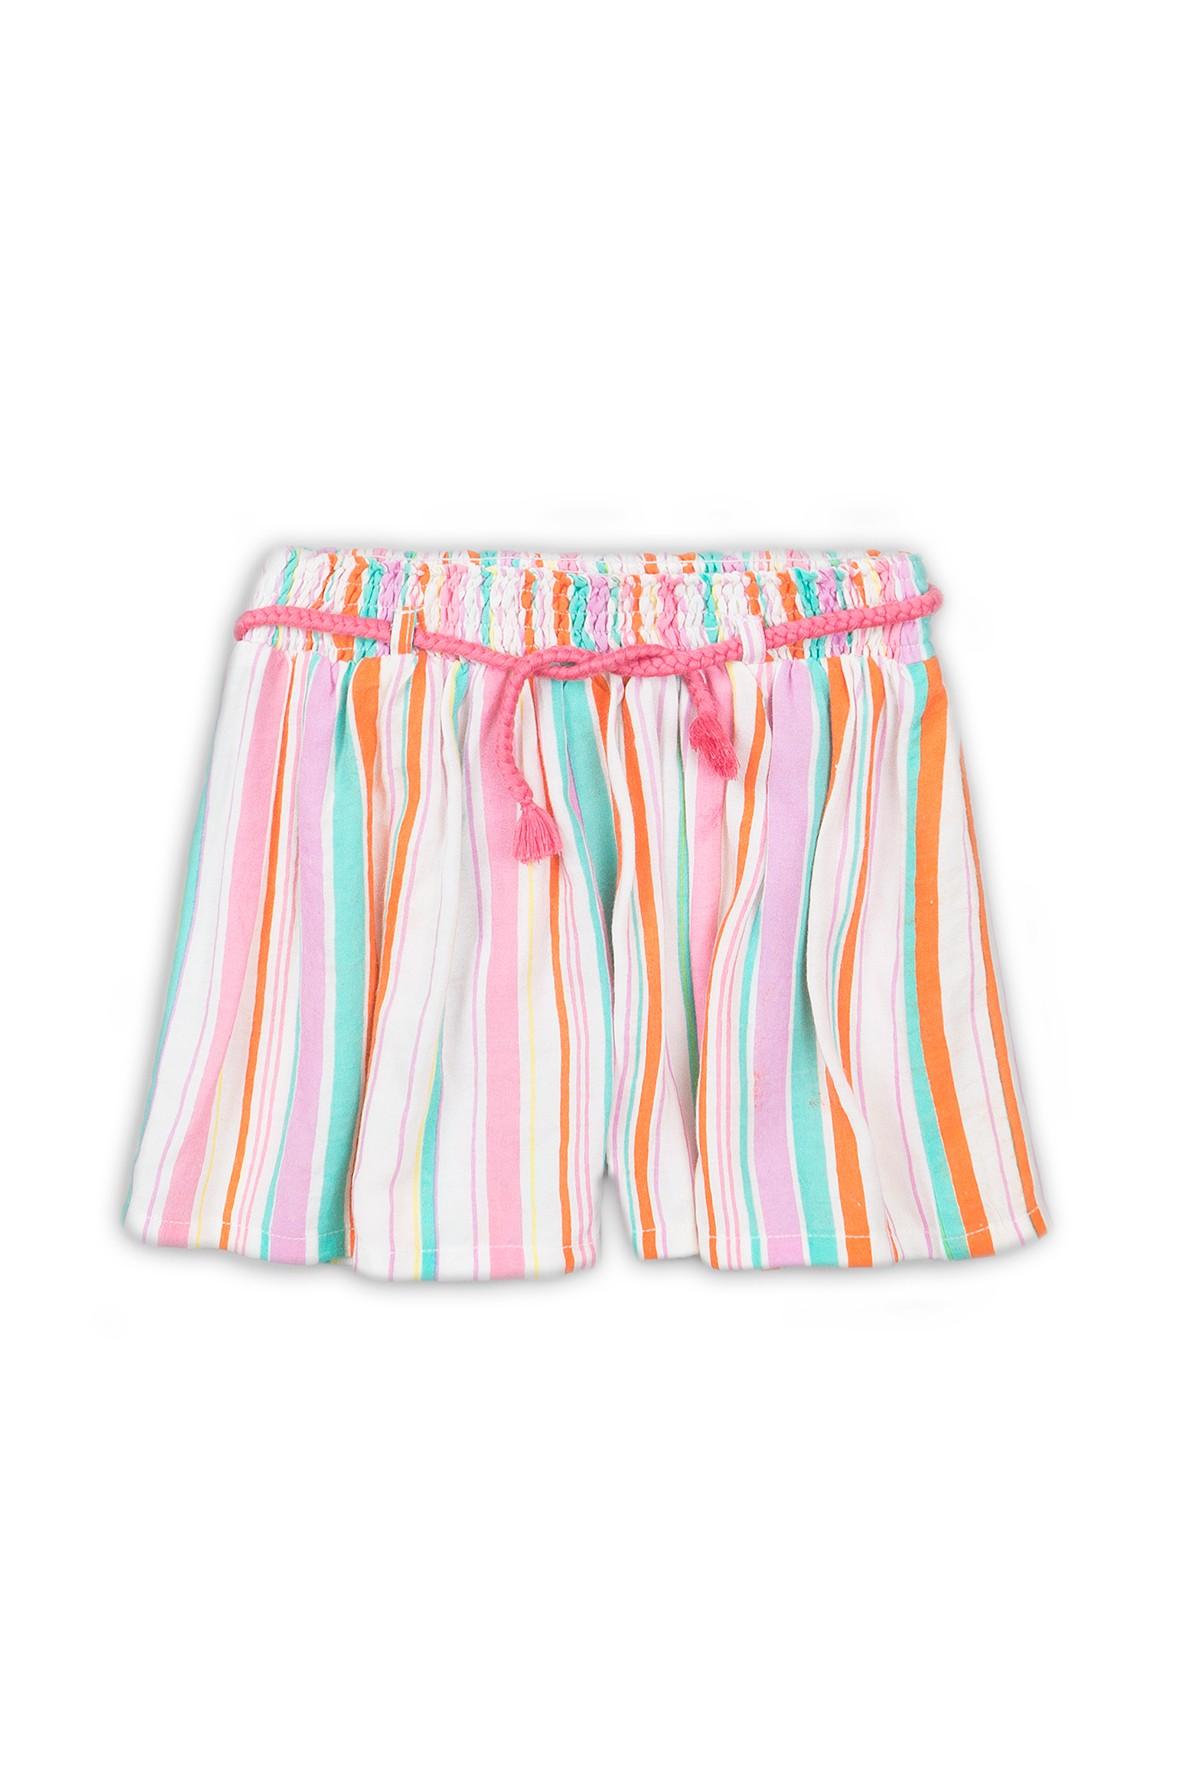 Szorty dziewczęce tkaninowe w kolorowe paski